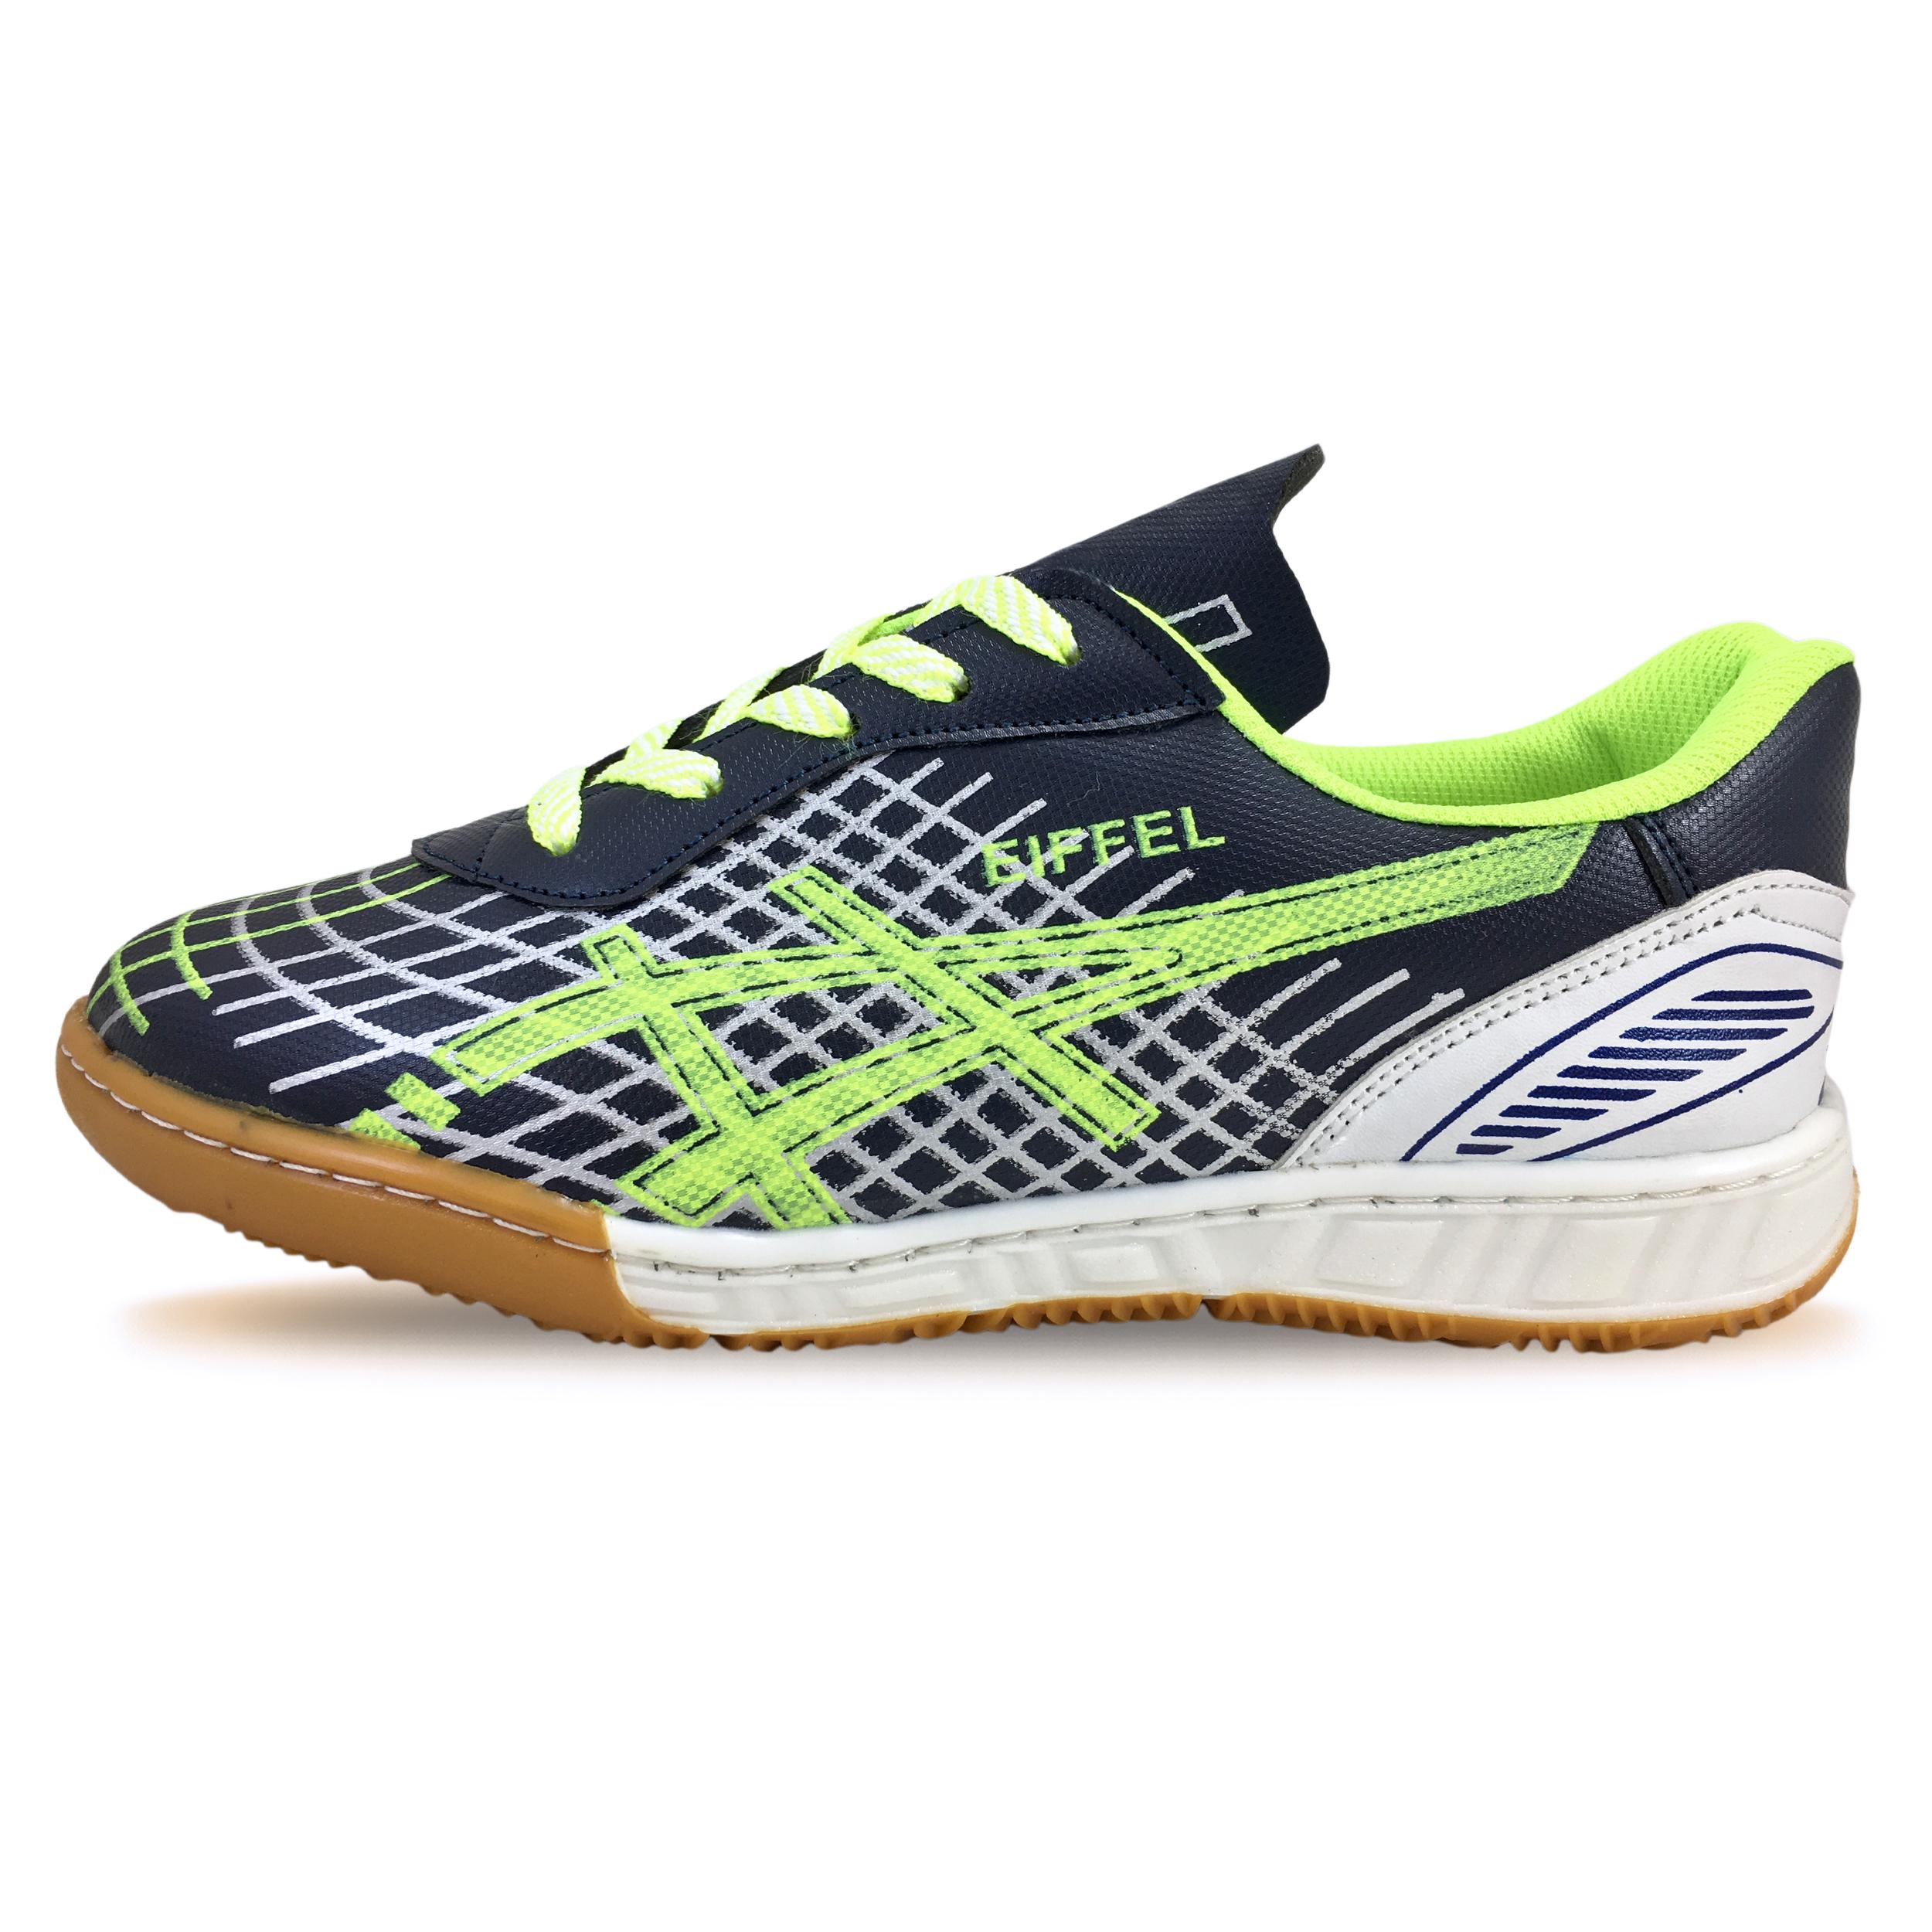 قیمت کفش فوتسال مردانه مدل ایفل کد 3789